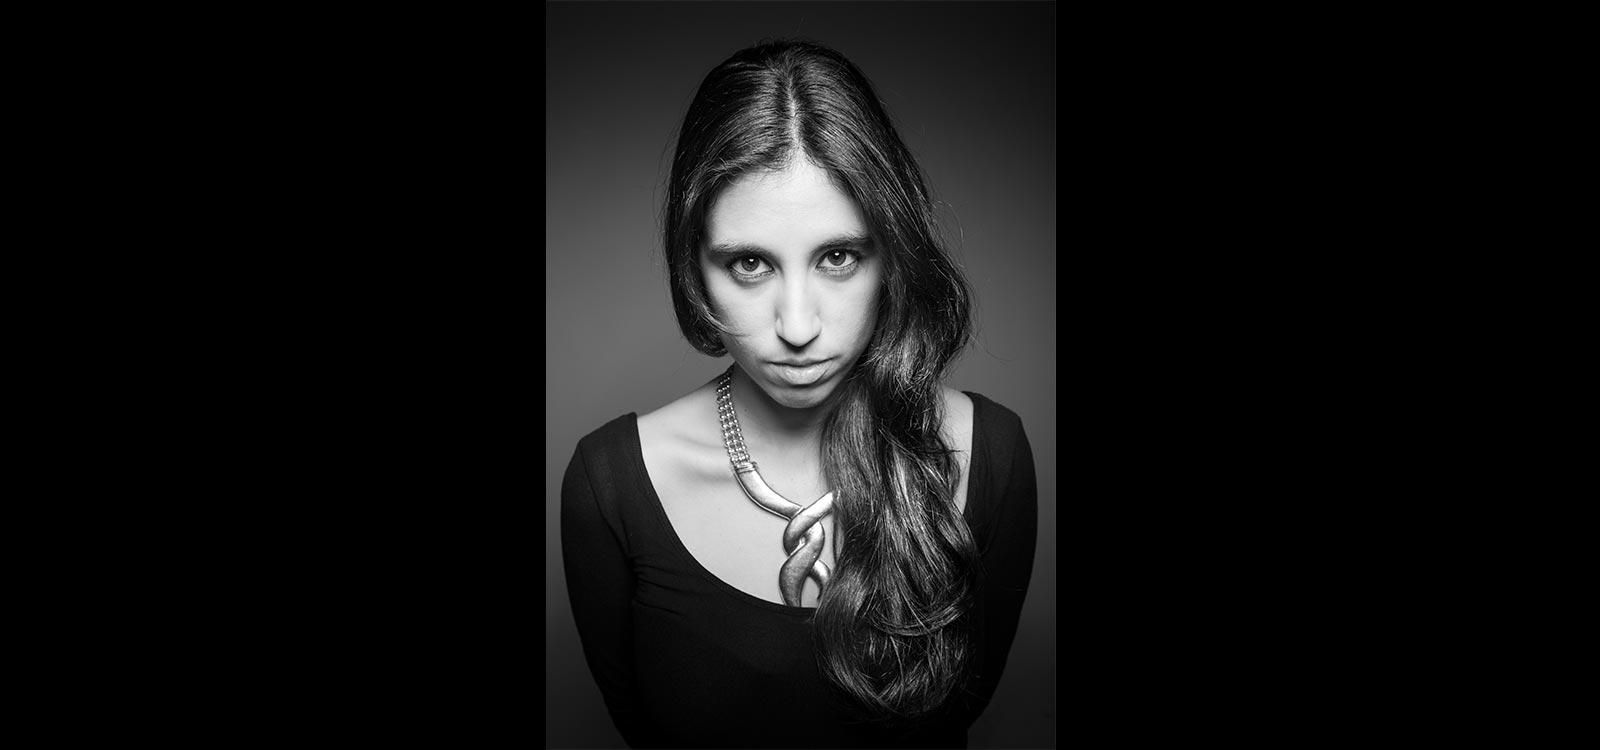 Fotógrafo De Estudio Y Retrato Social